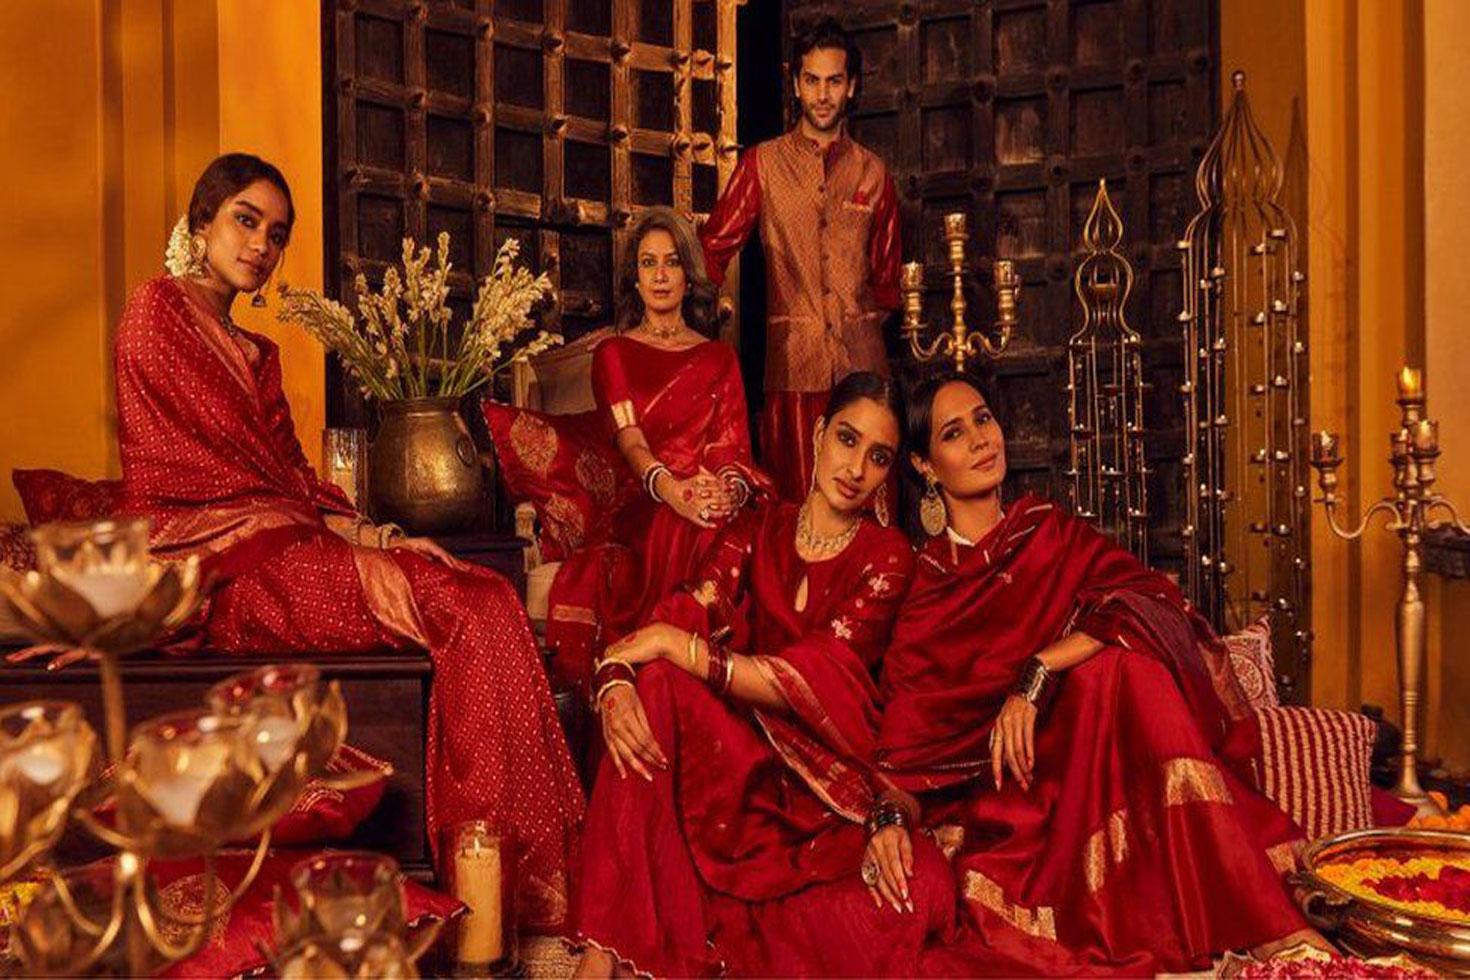 ক্ষোভের মুখে 'হিন্দু-বিরোধী' বিজ্ঞাপন প্রত্যাহার